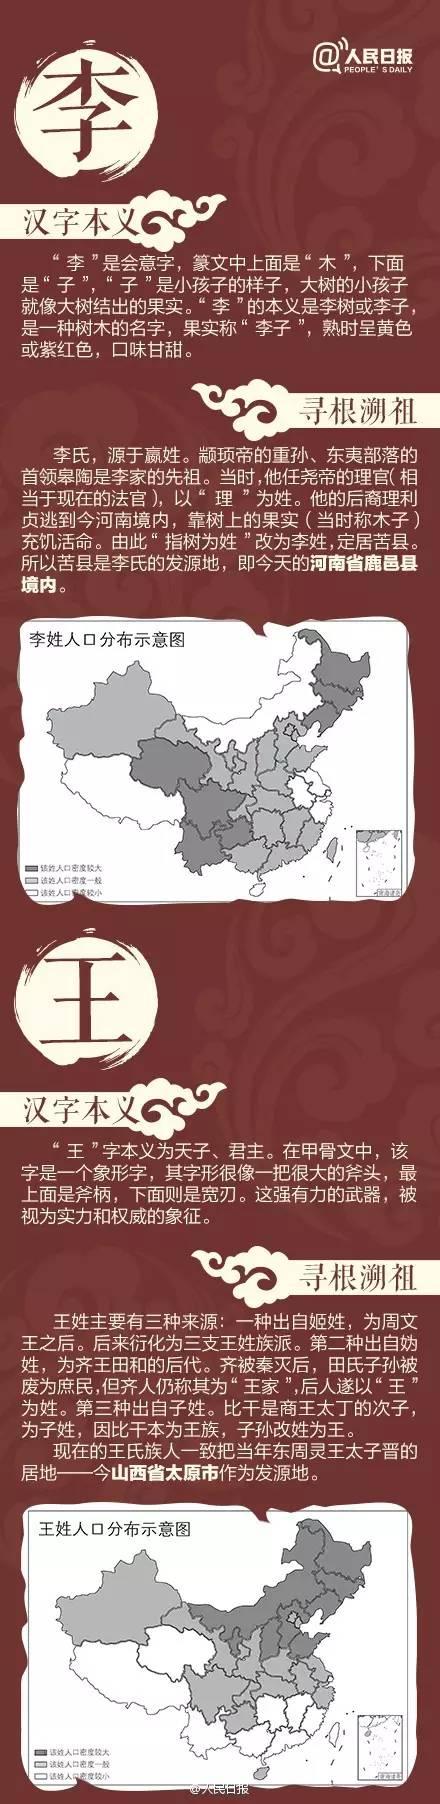 """揭秘中国18大姓氏的起源,看看你的姓发源地在哪"""""""